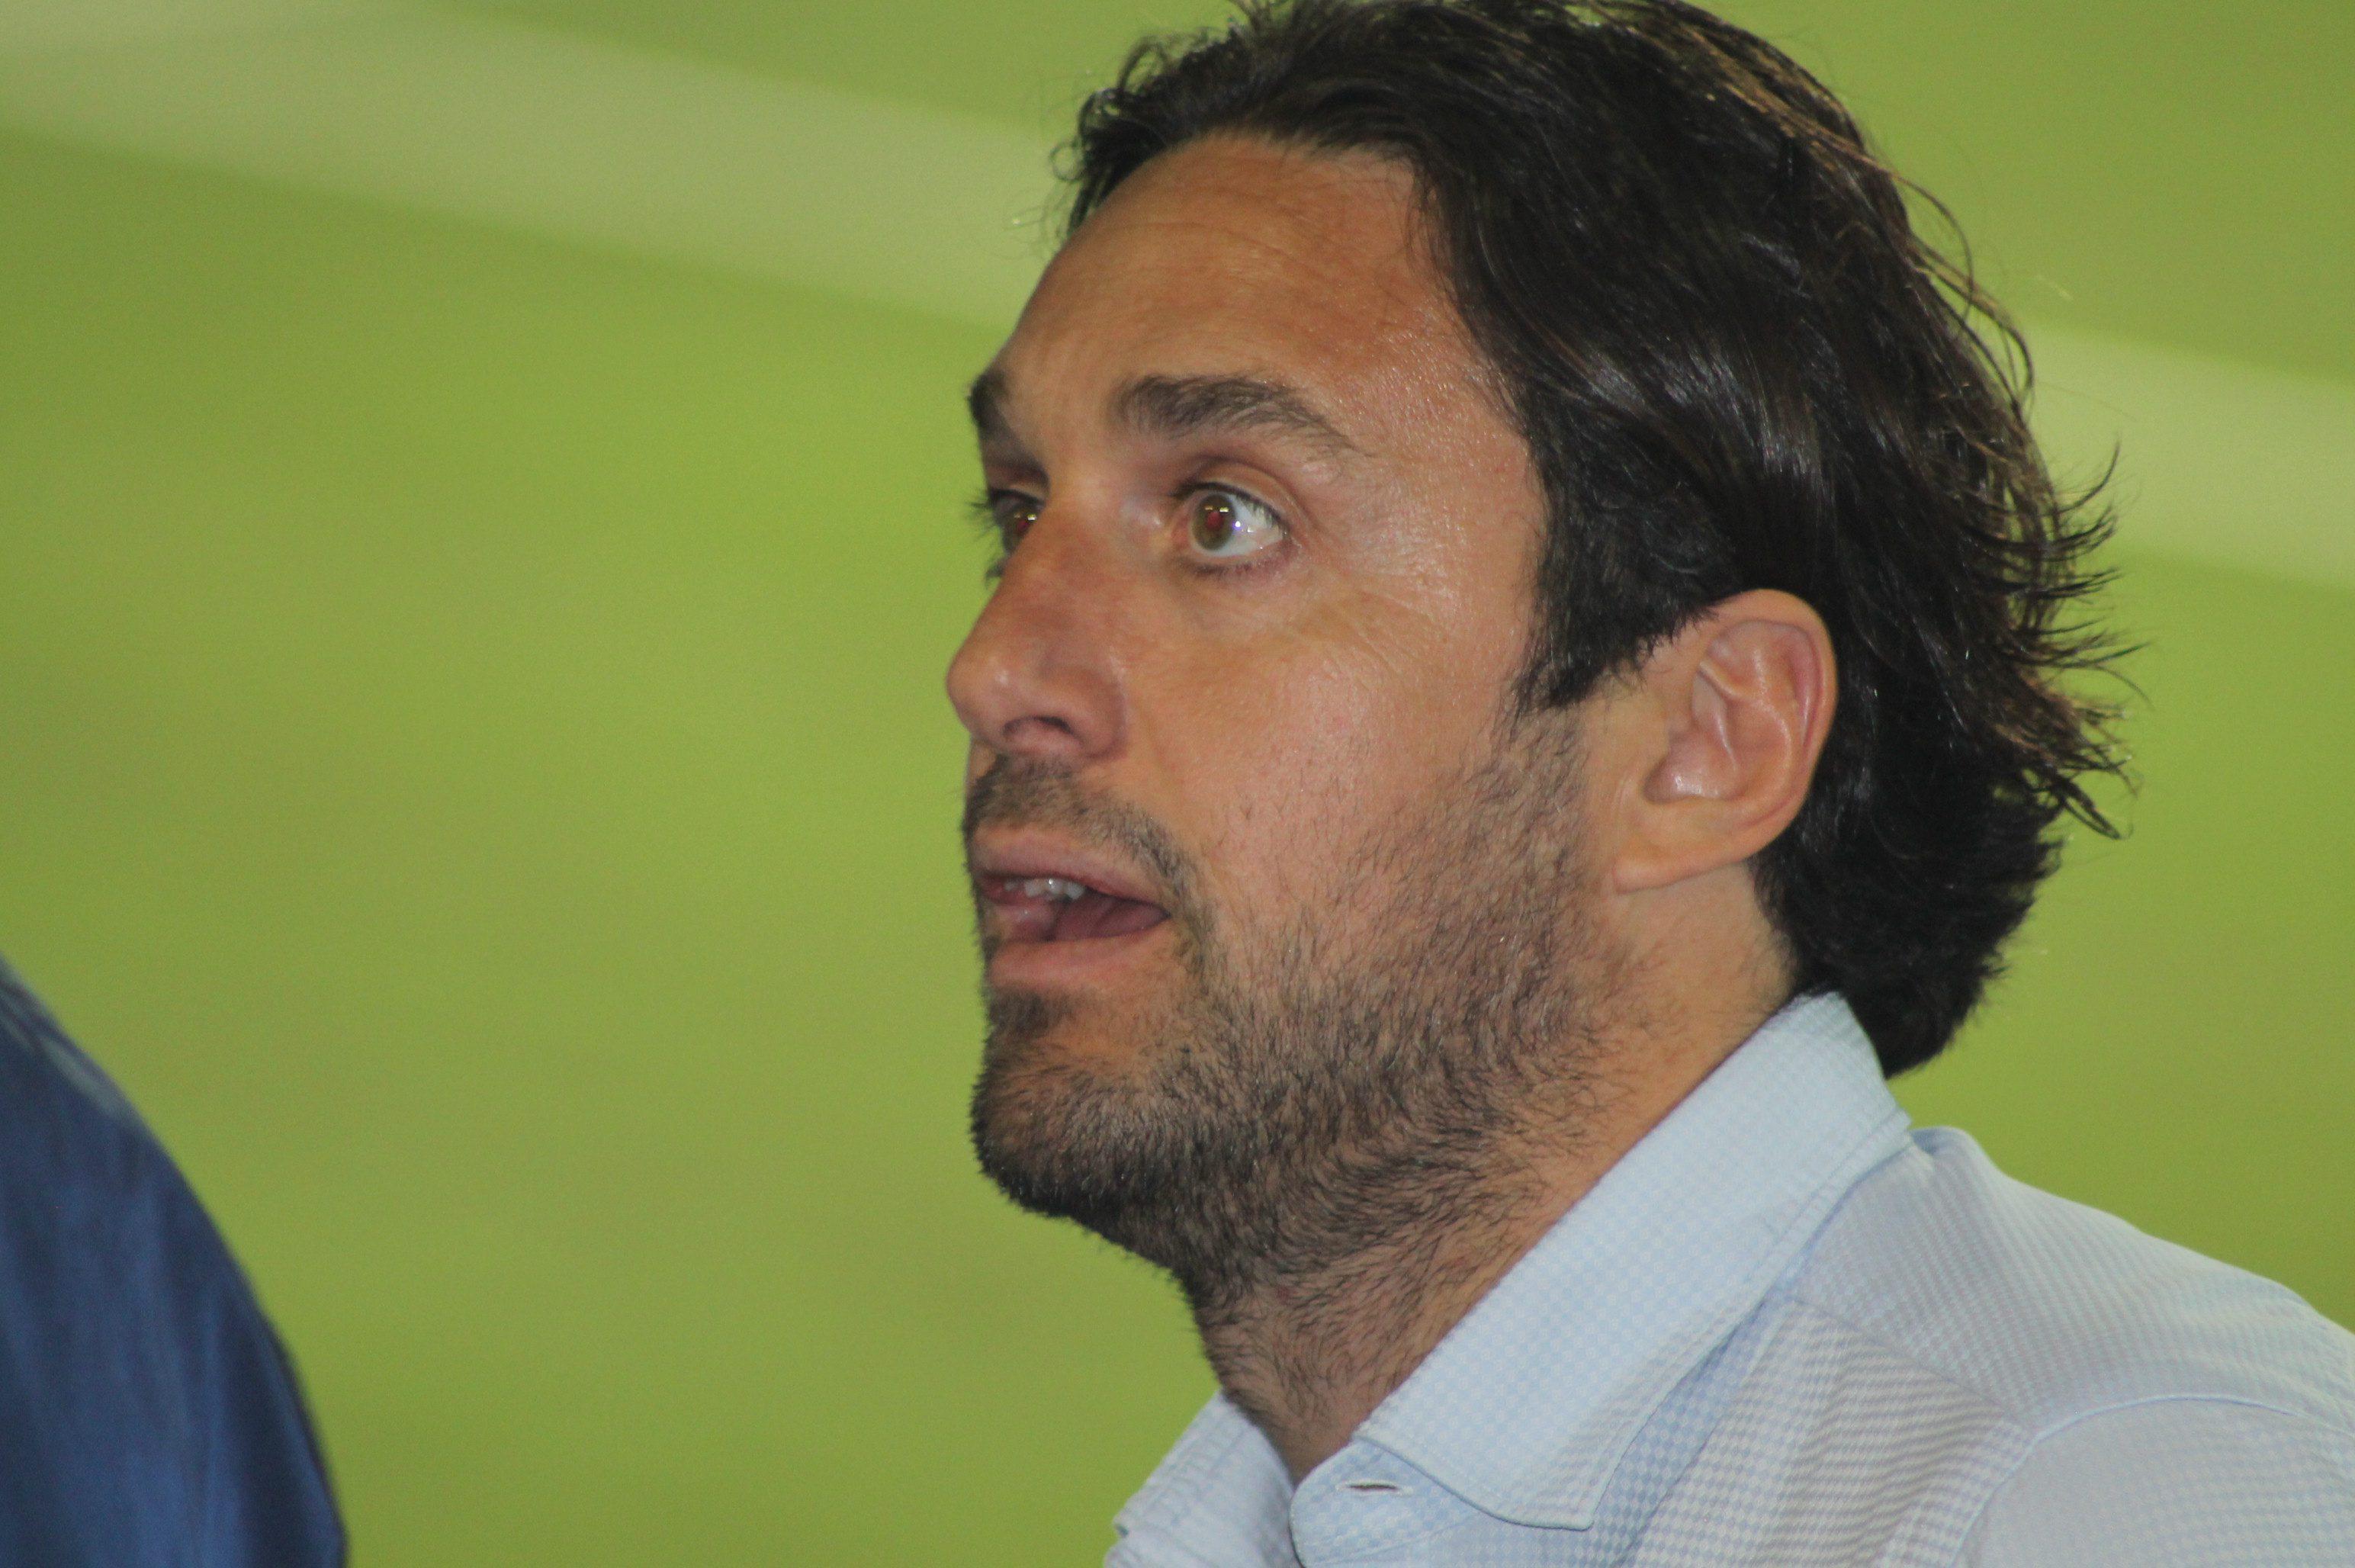 Ufficiale: Hellas Verona, si conclude il rapporto con Toni